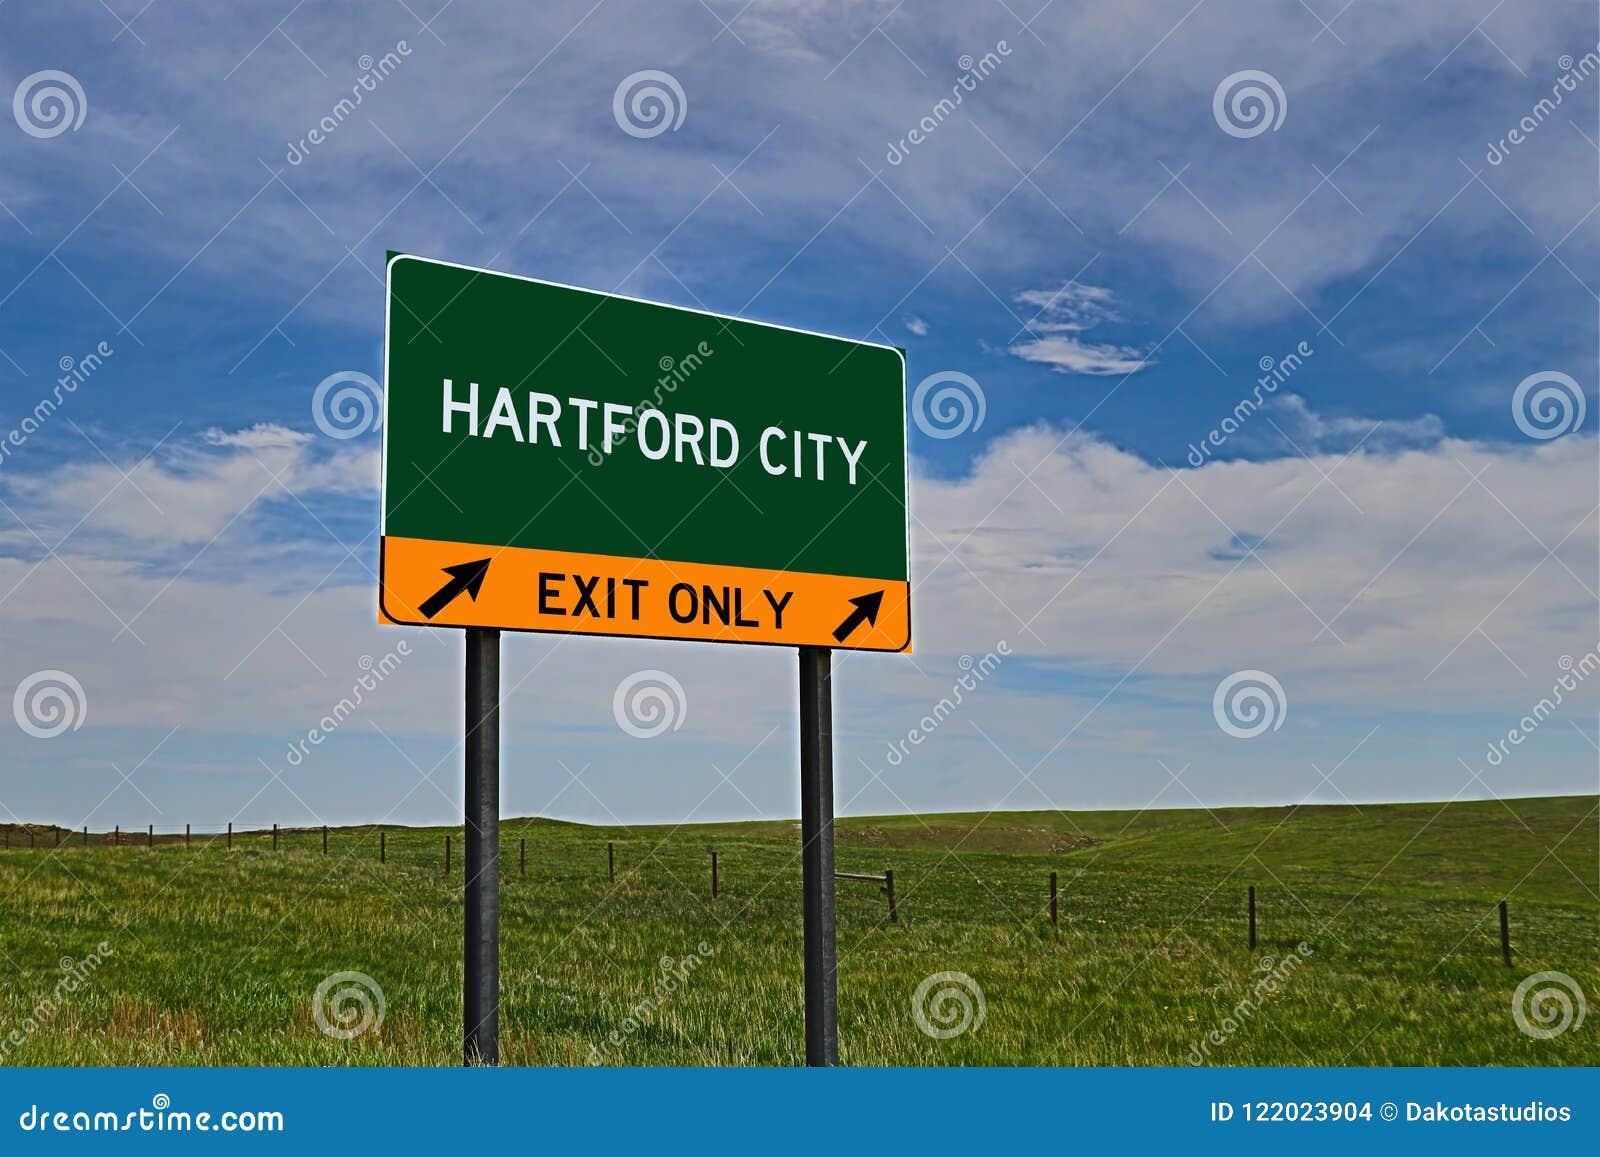 US-Landstraßen-Ausgangs-Zeichen für Hartford-Stadt